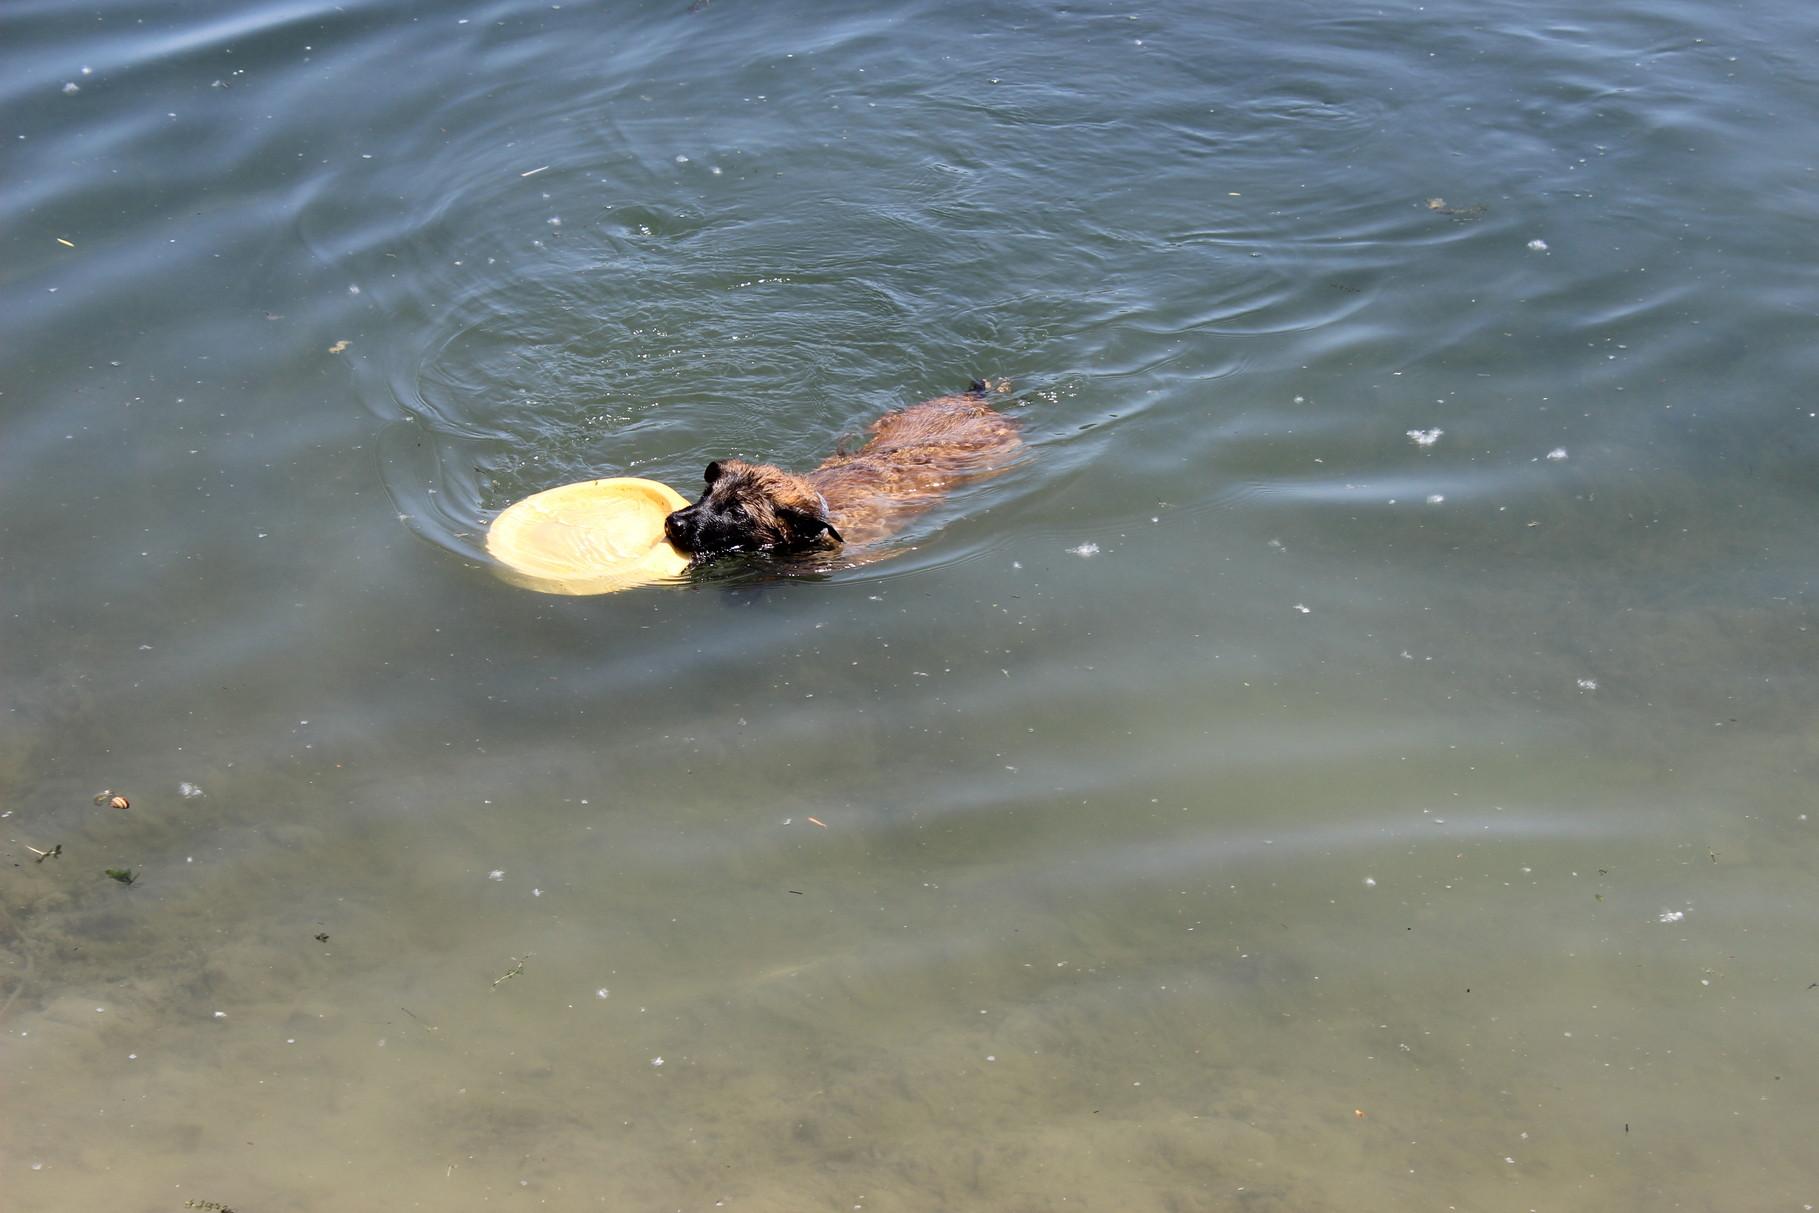 schwimmen, hach, das kann ja jeder